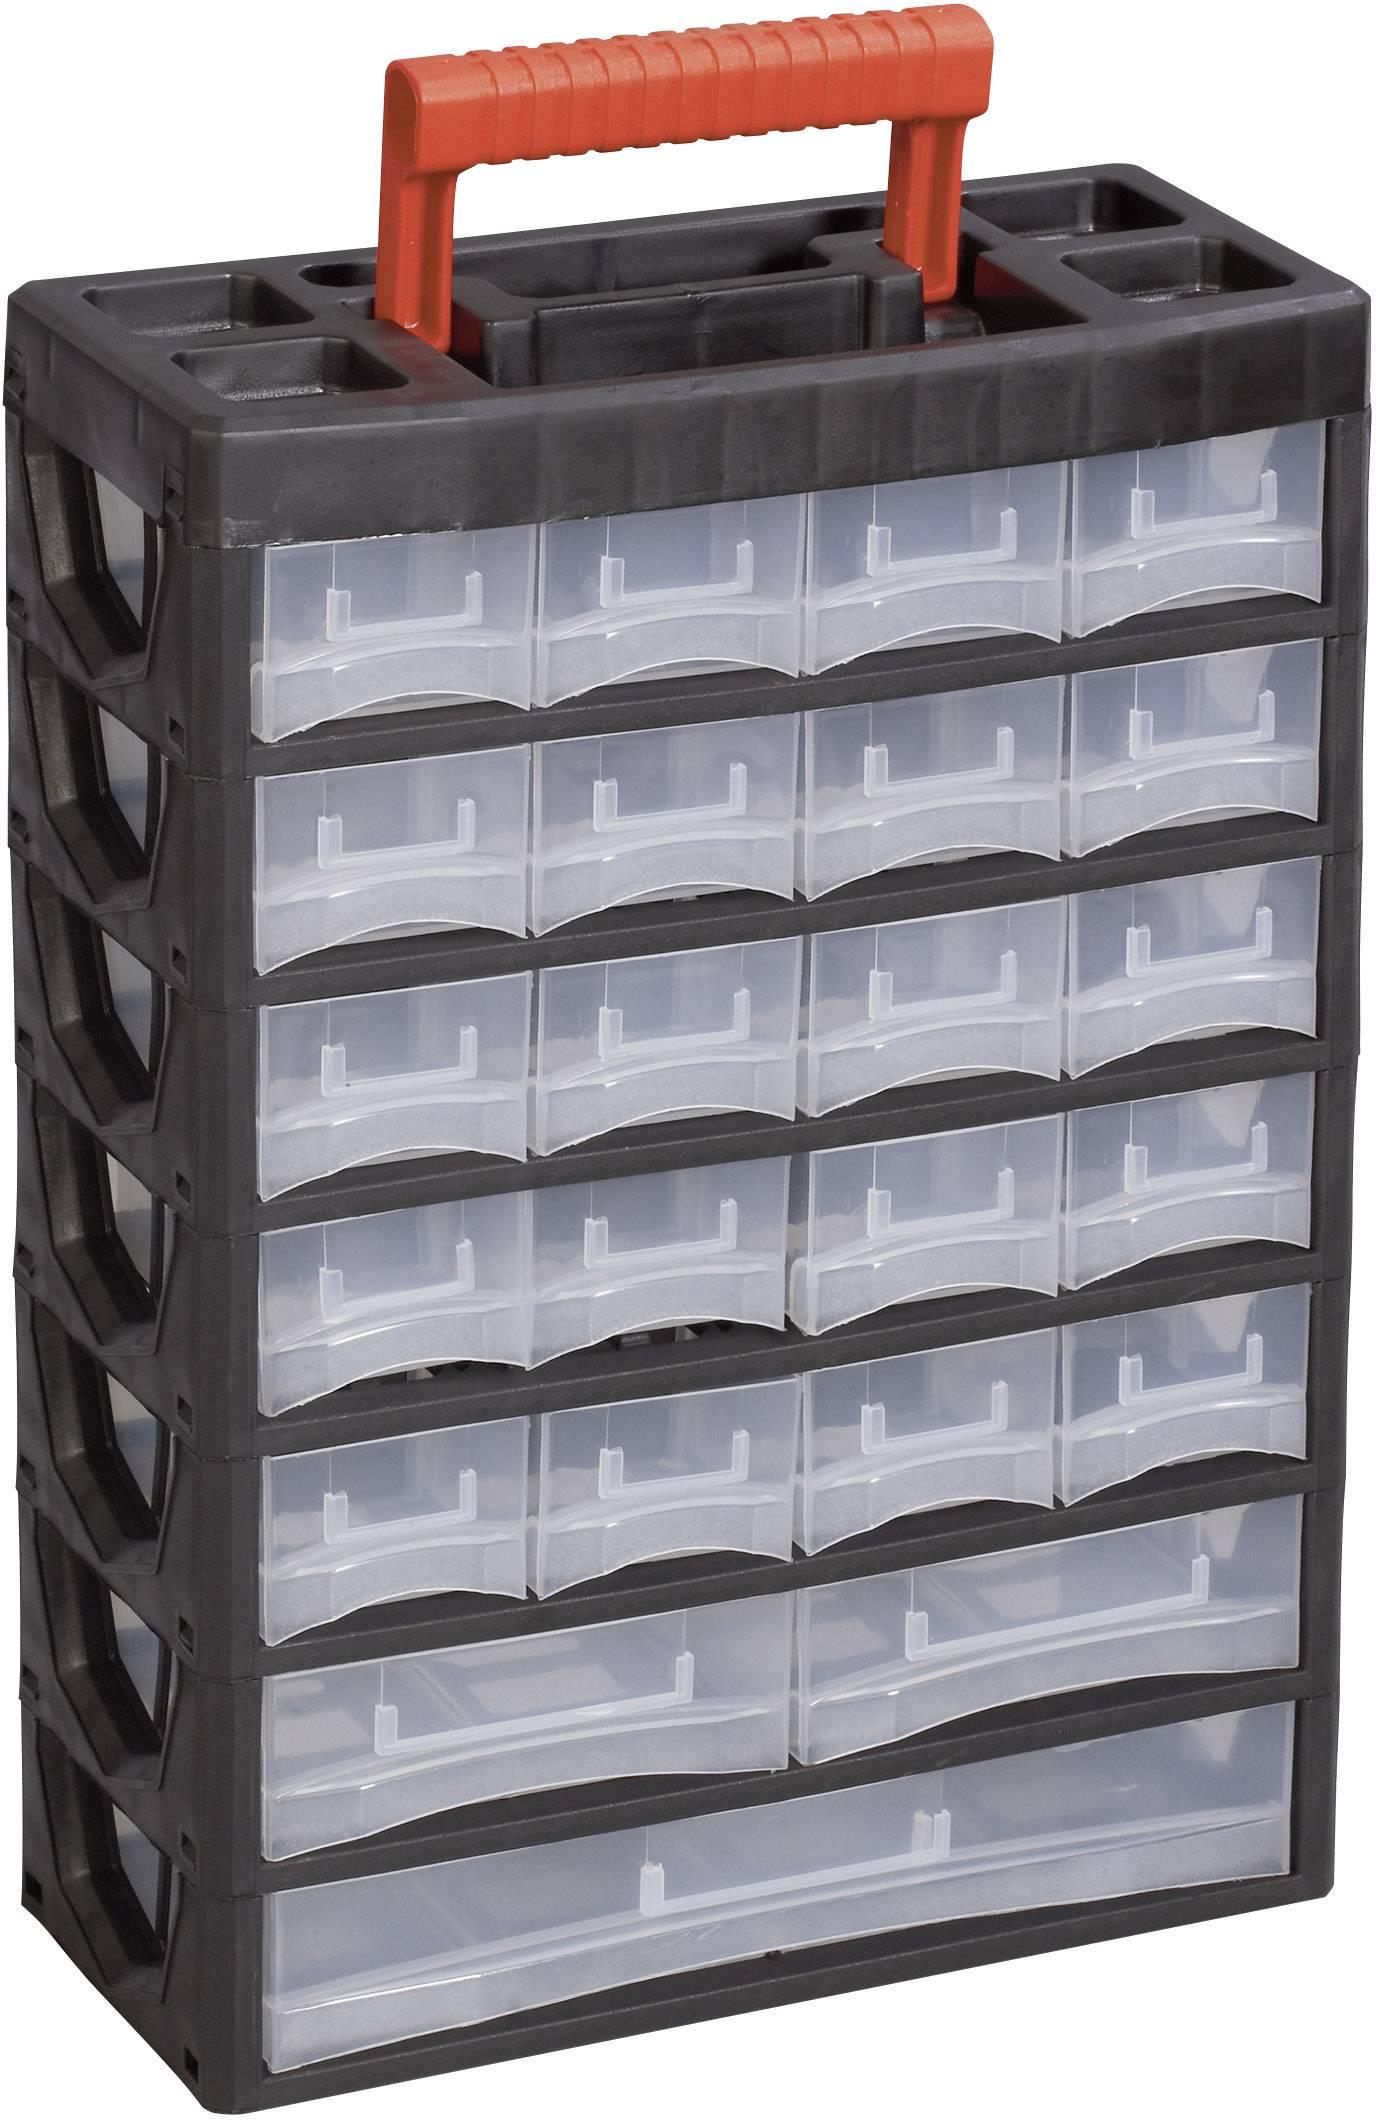 Organizér na drobné náradie Alutec 56670, 315 x 140 x 445 mm